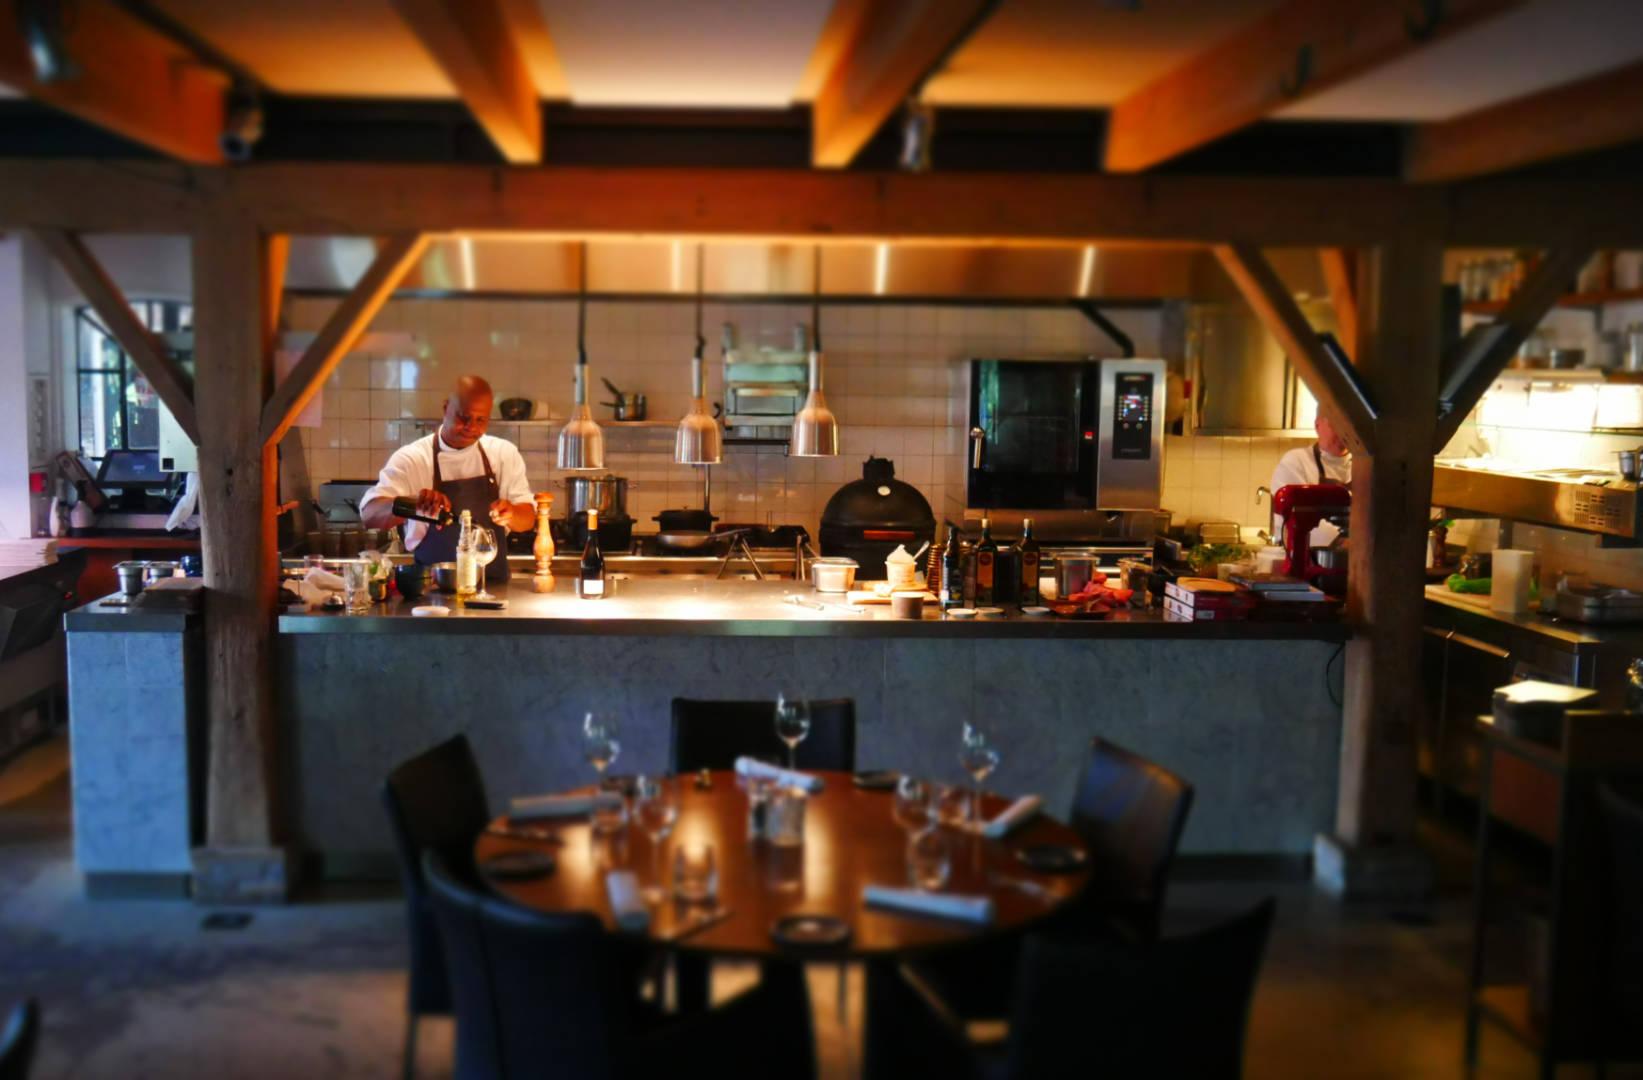 Keuken bavette Nieuwe kaart menukaart Maasland restaurant